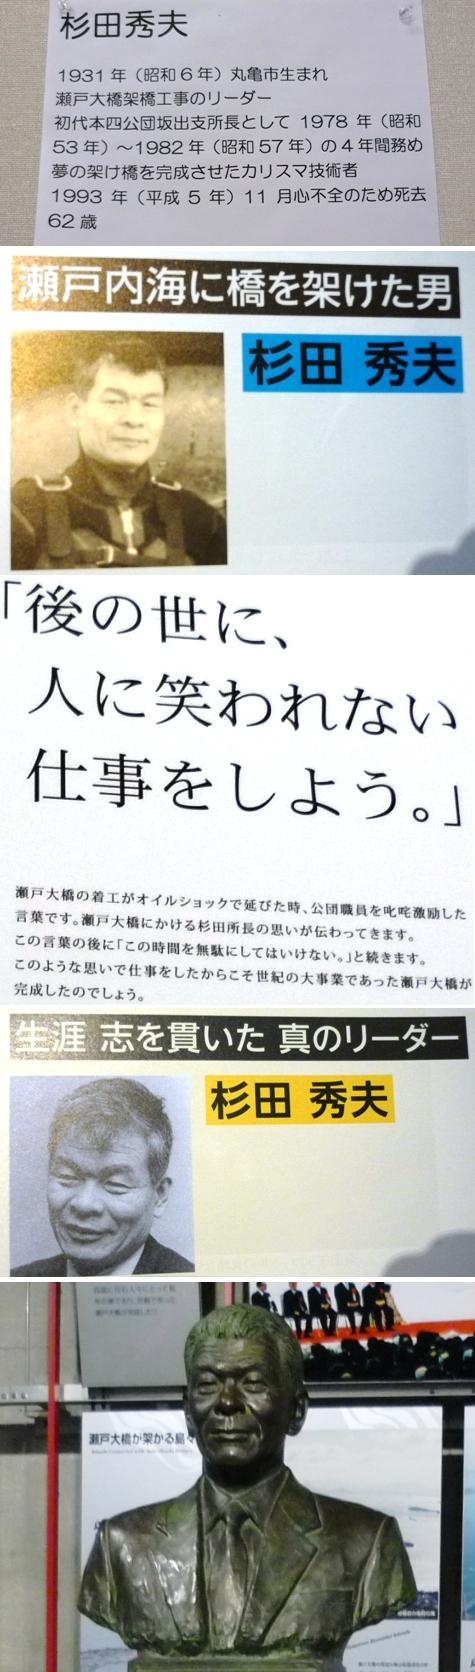 aP杉田秀夫氏 1340859